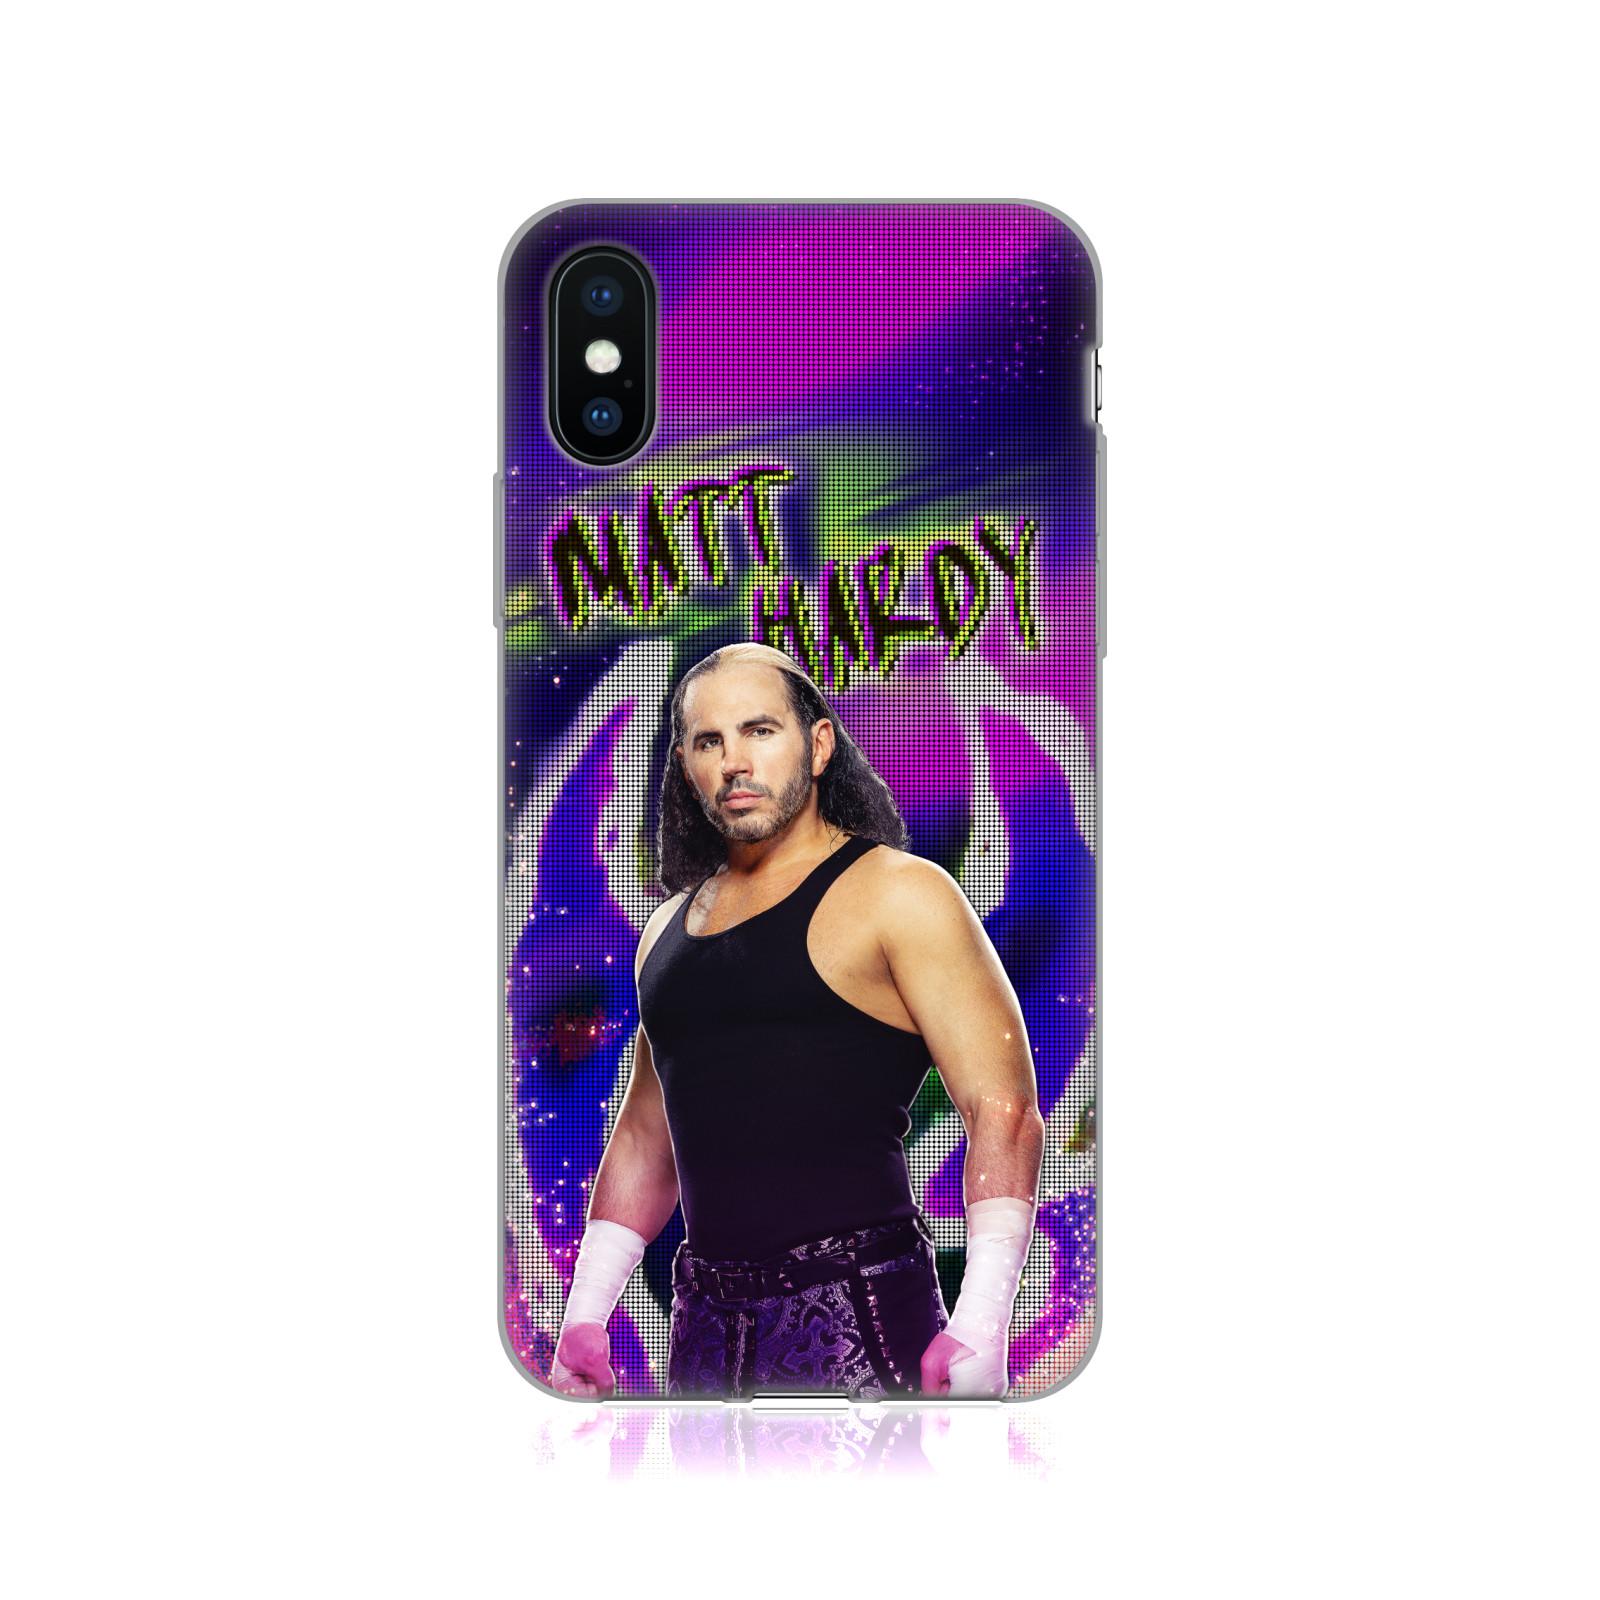 WWE <!--translate-lineup-->Matt Hardy<!--translate-lineup-->